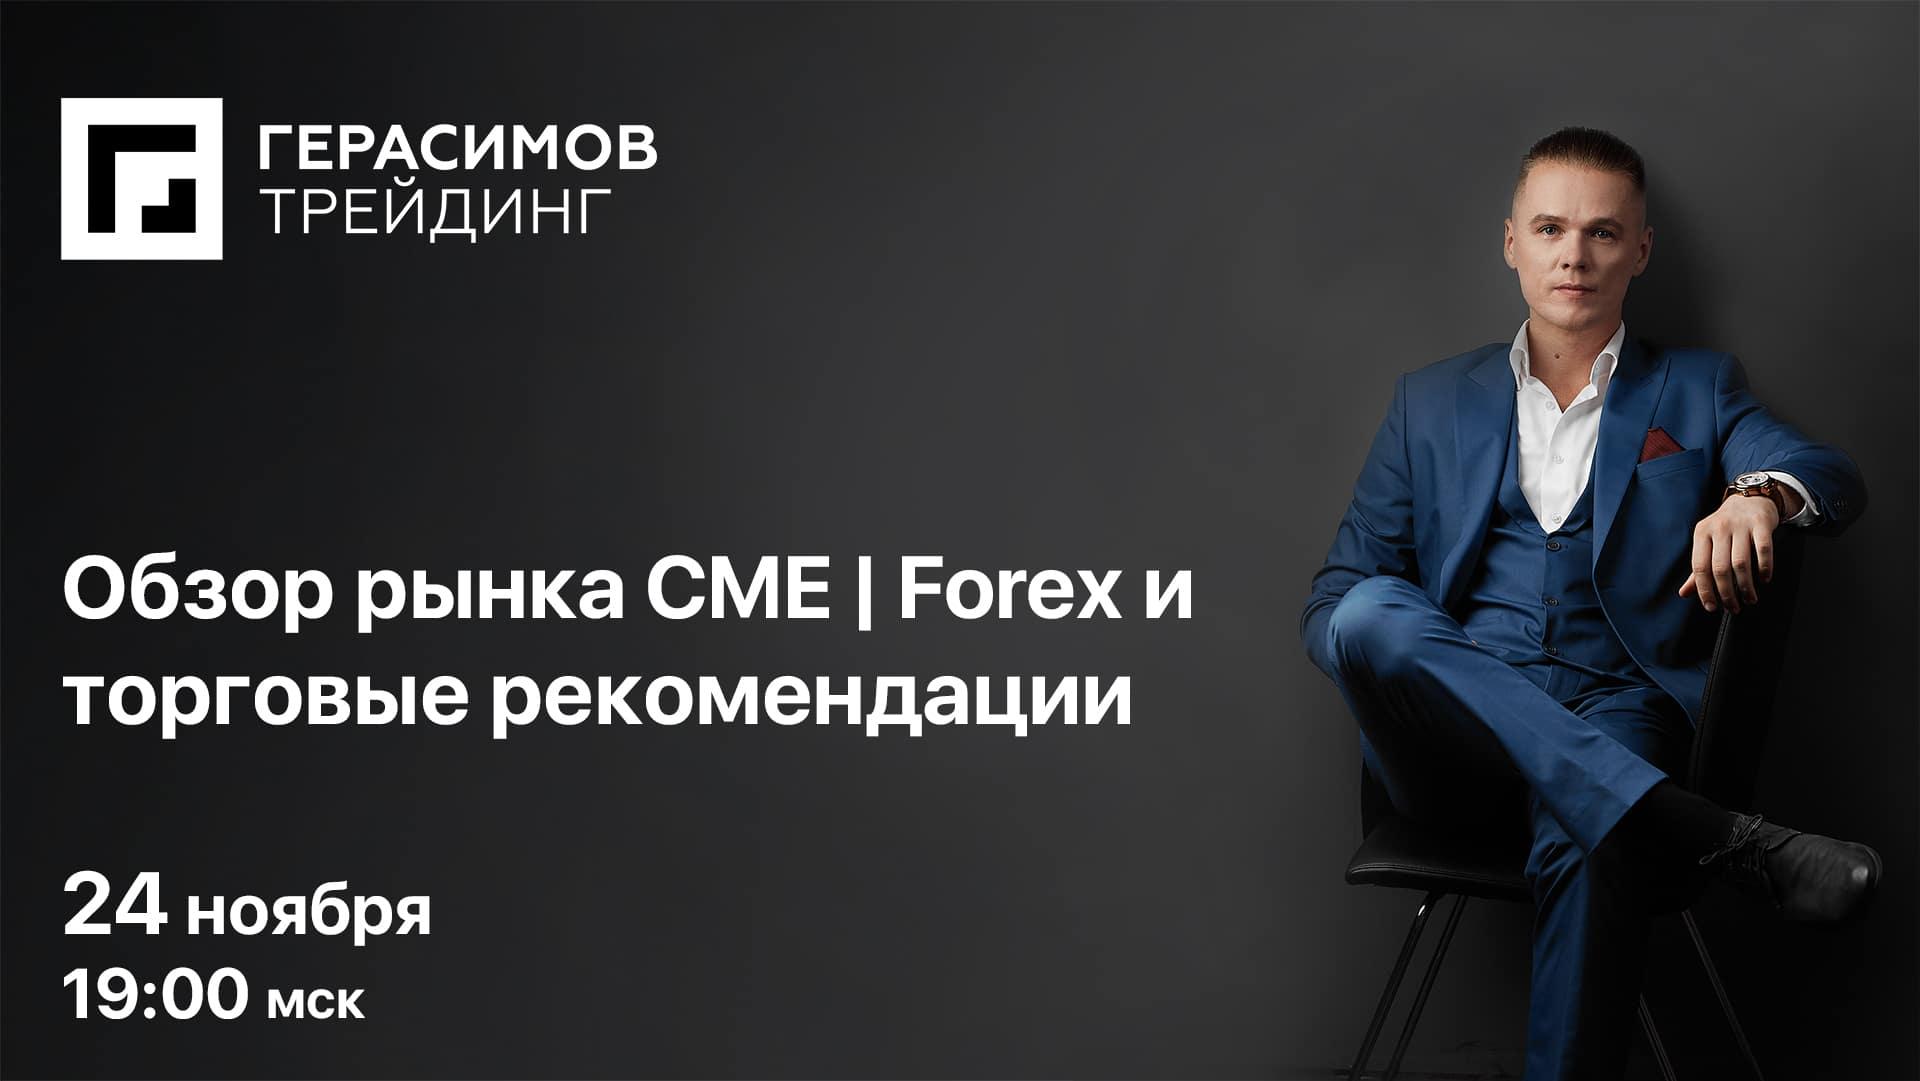 Обзор рынка CME | Forex и торговые рекомендации от 24.11.2020. Никита Герасимов